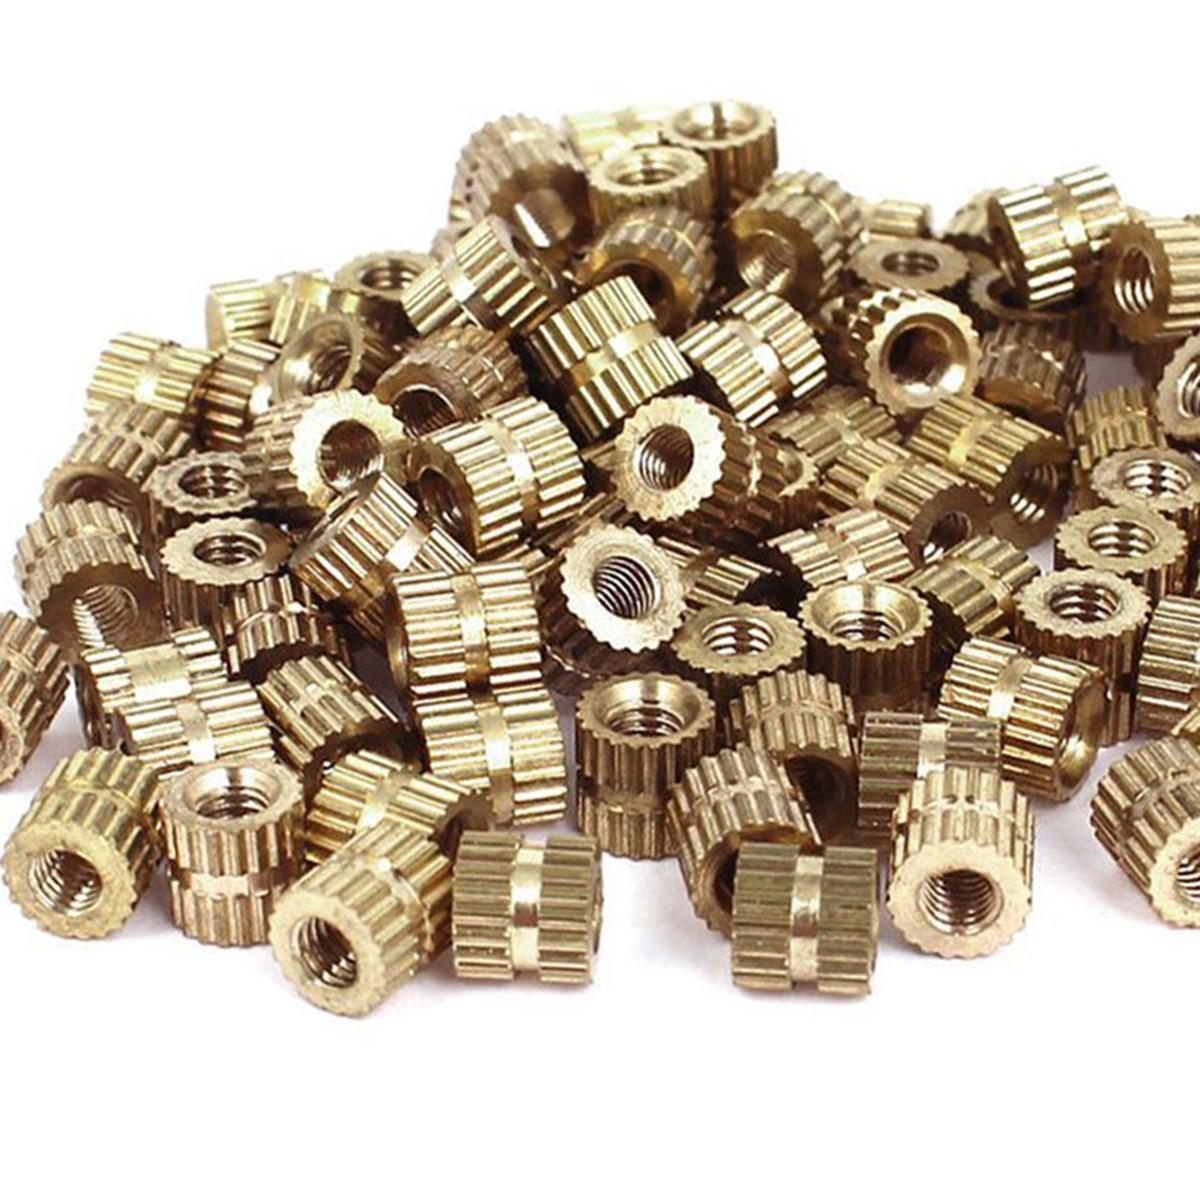 100pcs M3 Thread Metric Brass Knurl Round Insert Nuts 5mm Height 5mm(OD) Gold Tone цена